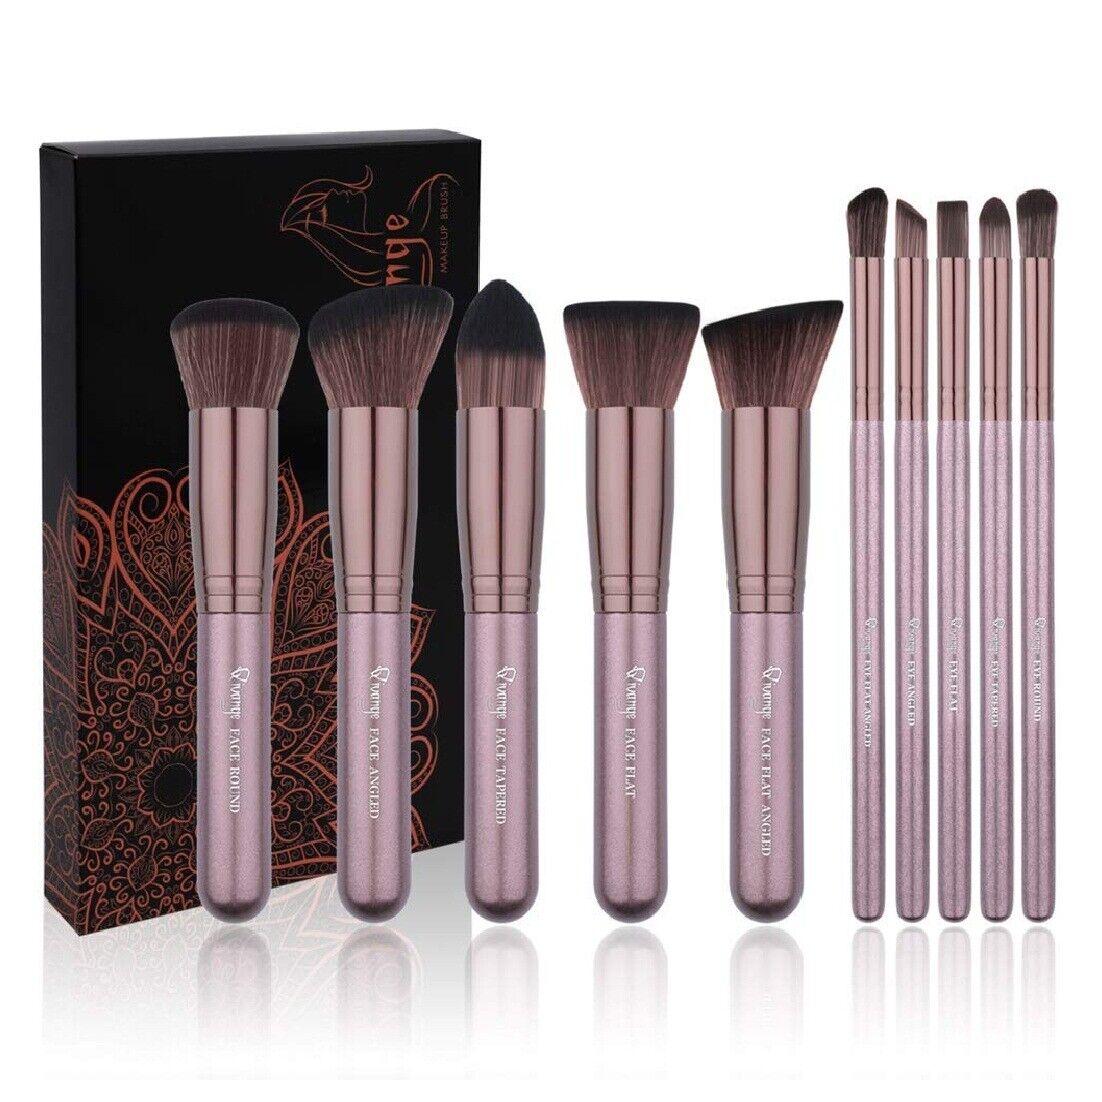 Kabuki Makeup Brush Set Soft Foundation Bronzer Concealer Ey